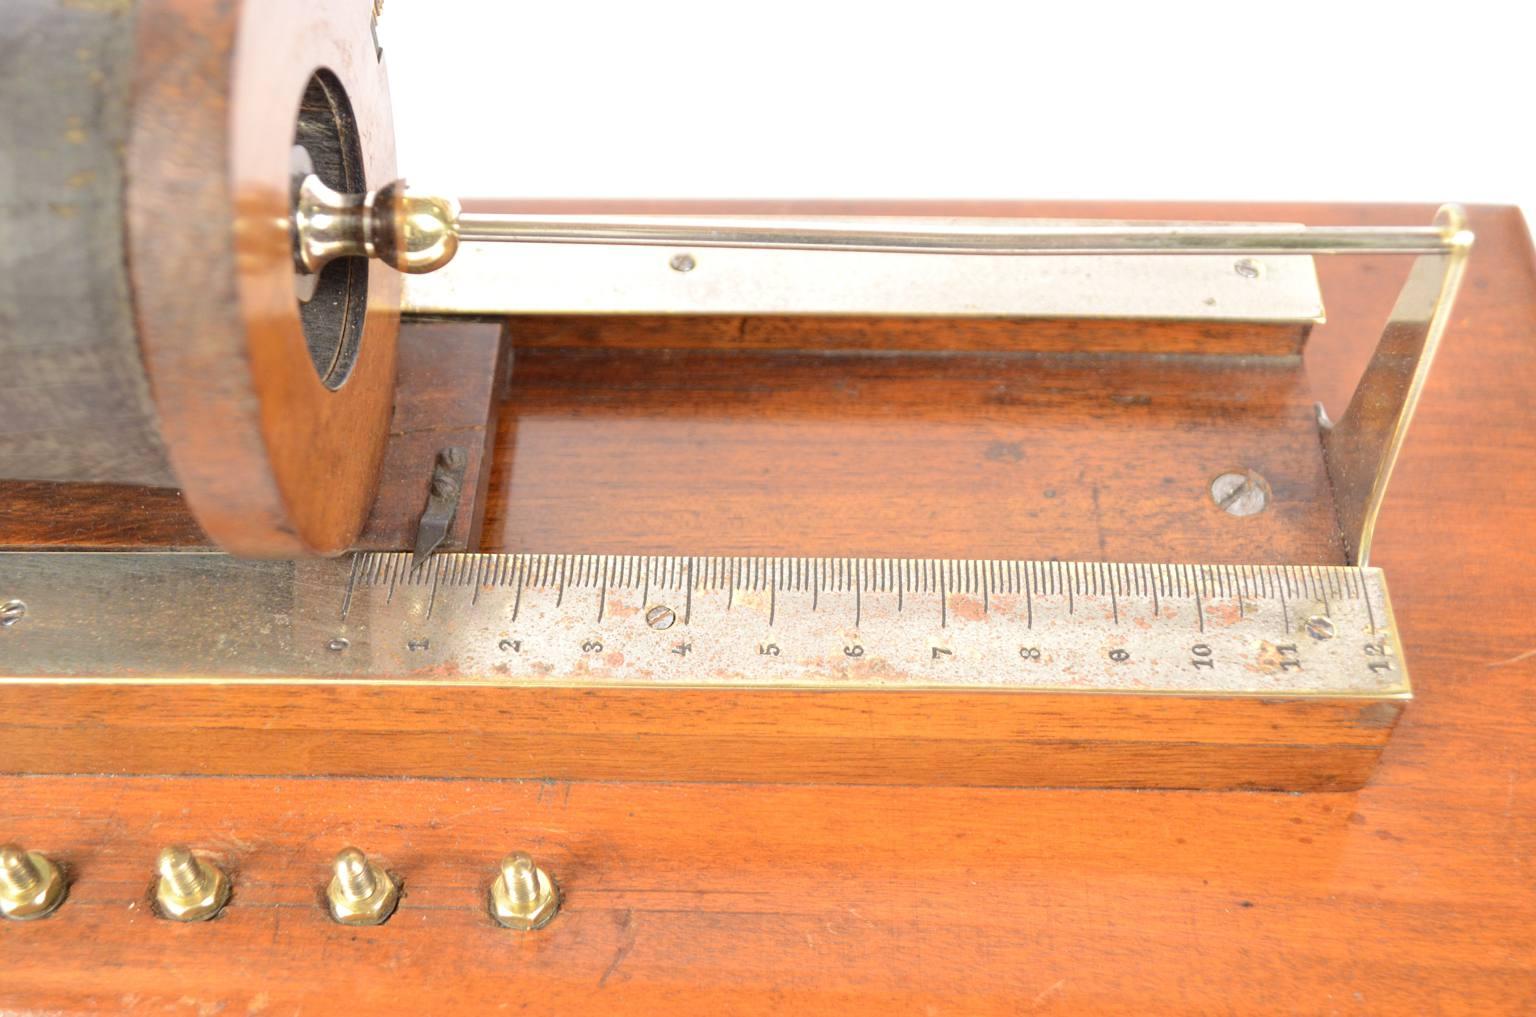 古测量工具/A90-感应线圈由Du Bois Reymond